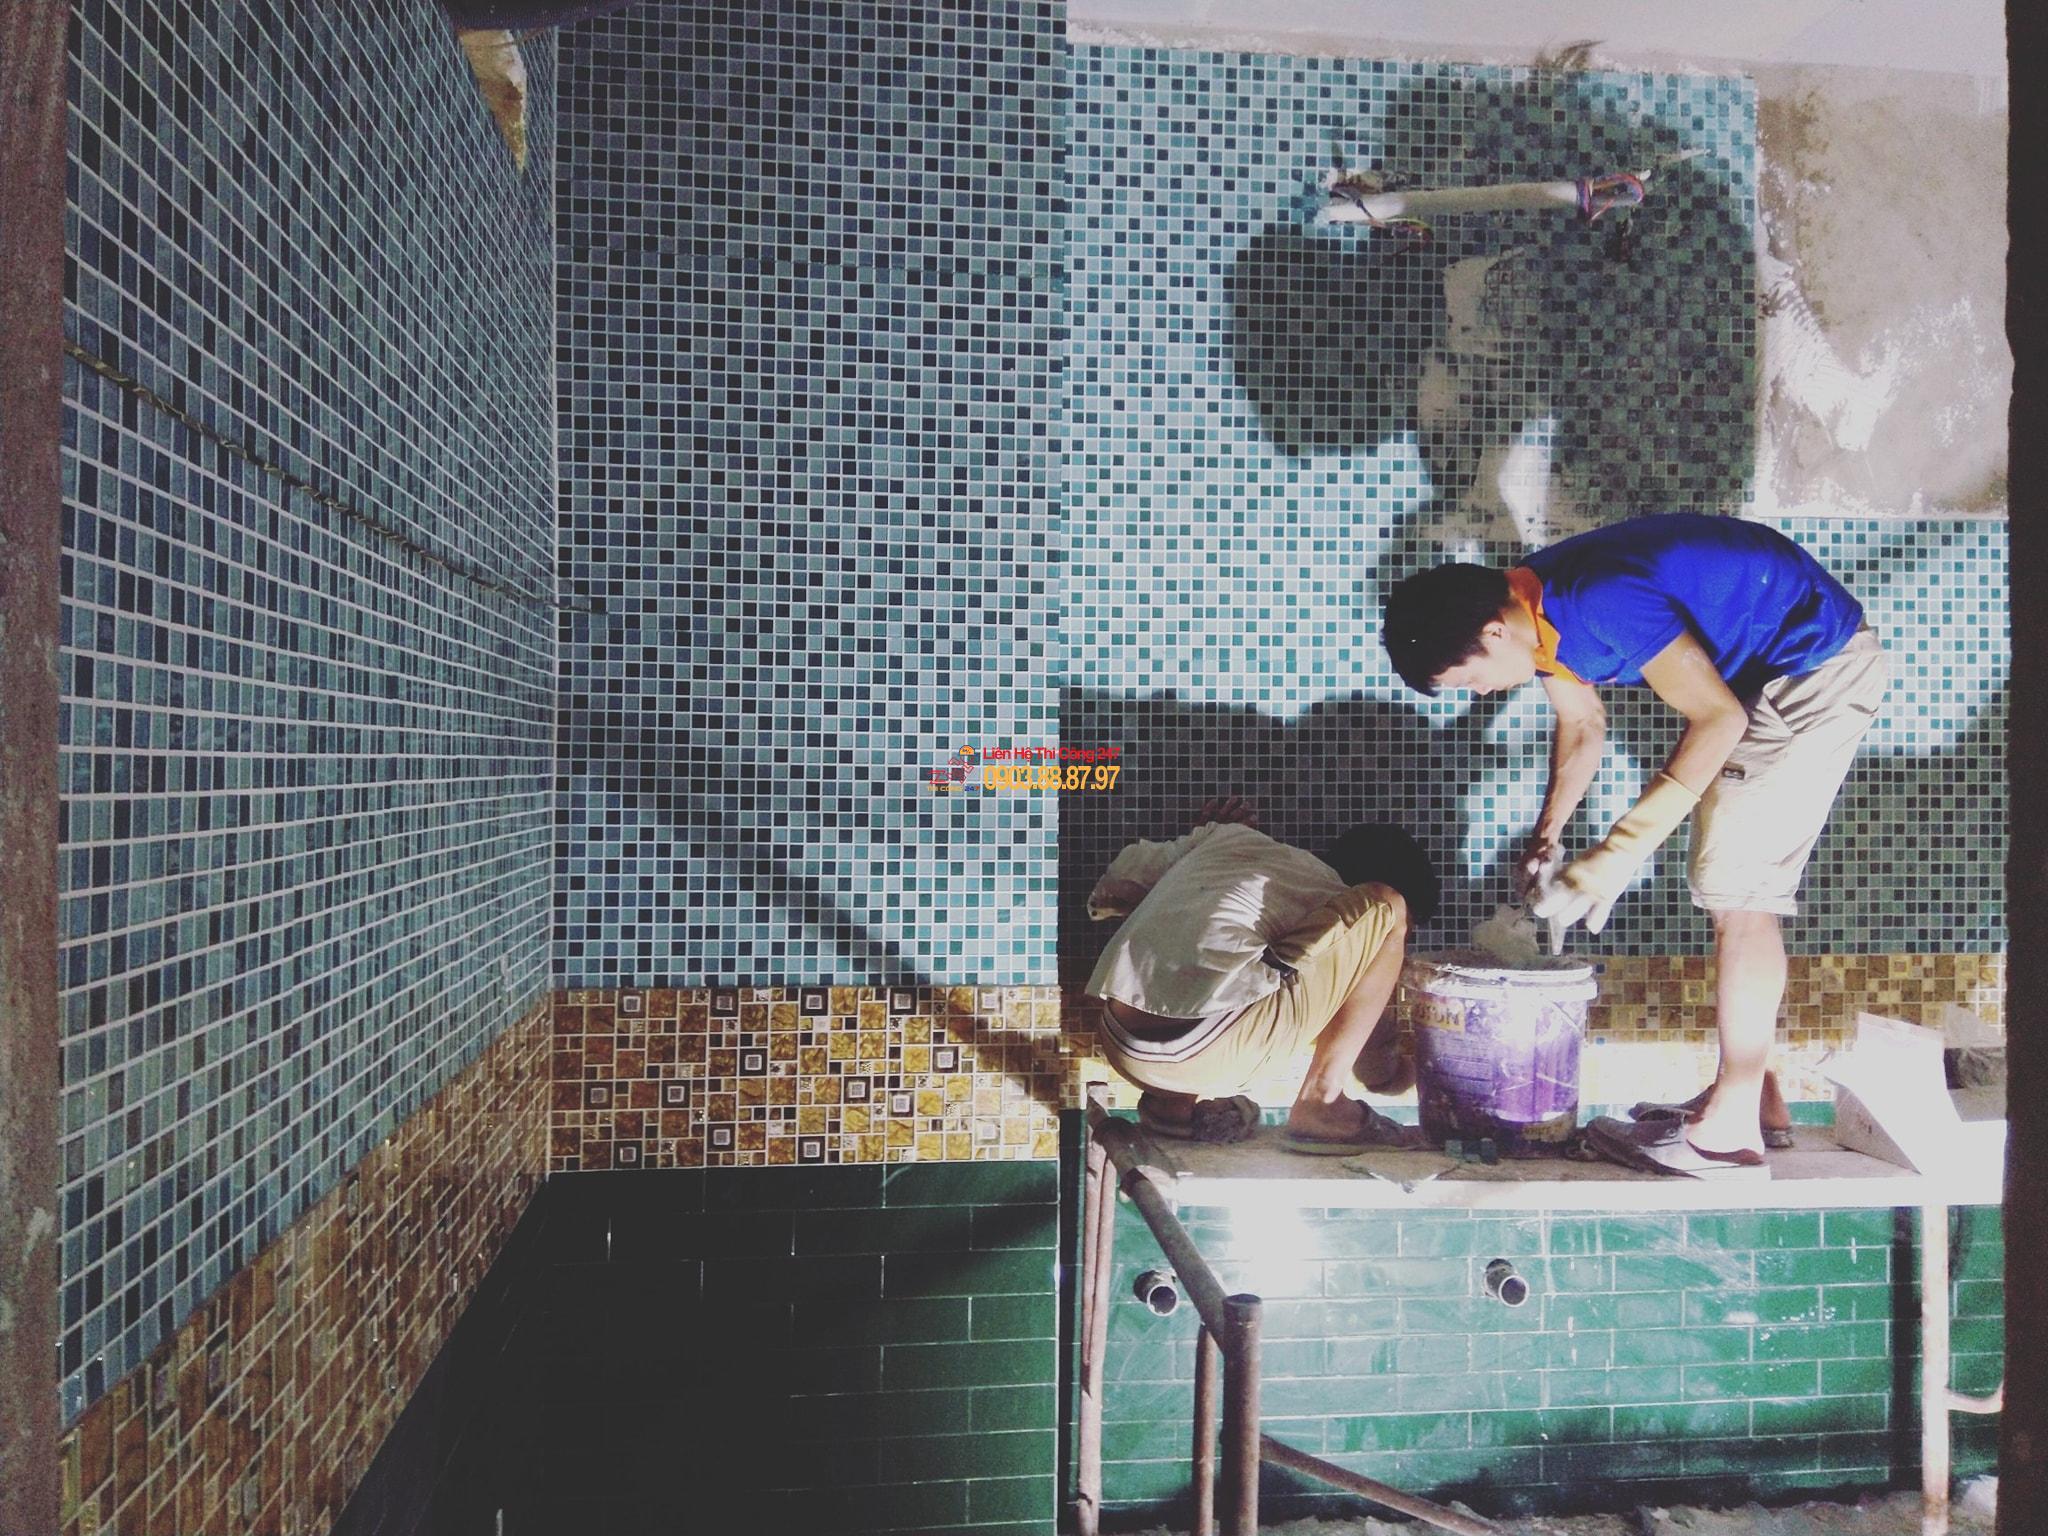 Nhà Thầu Thi Công Sửa Chữa Công Trình 24/7 Chuyên Nghiệp Tại TPhcm Giá Rẻ